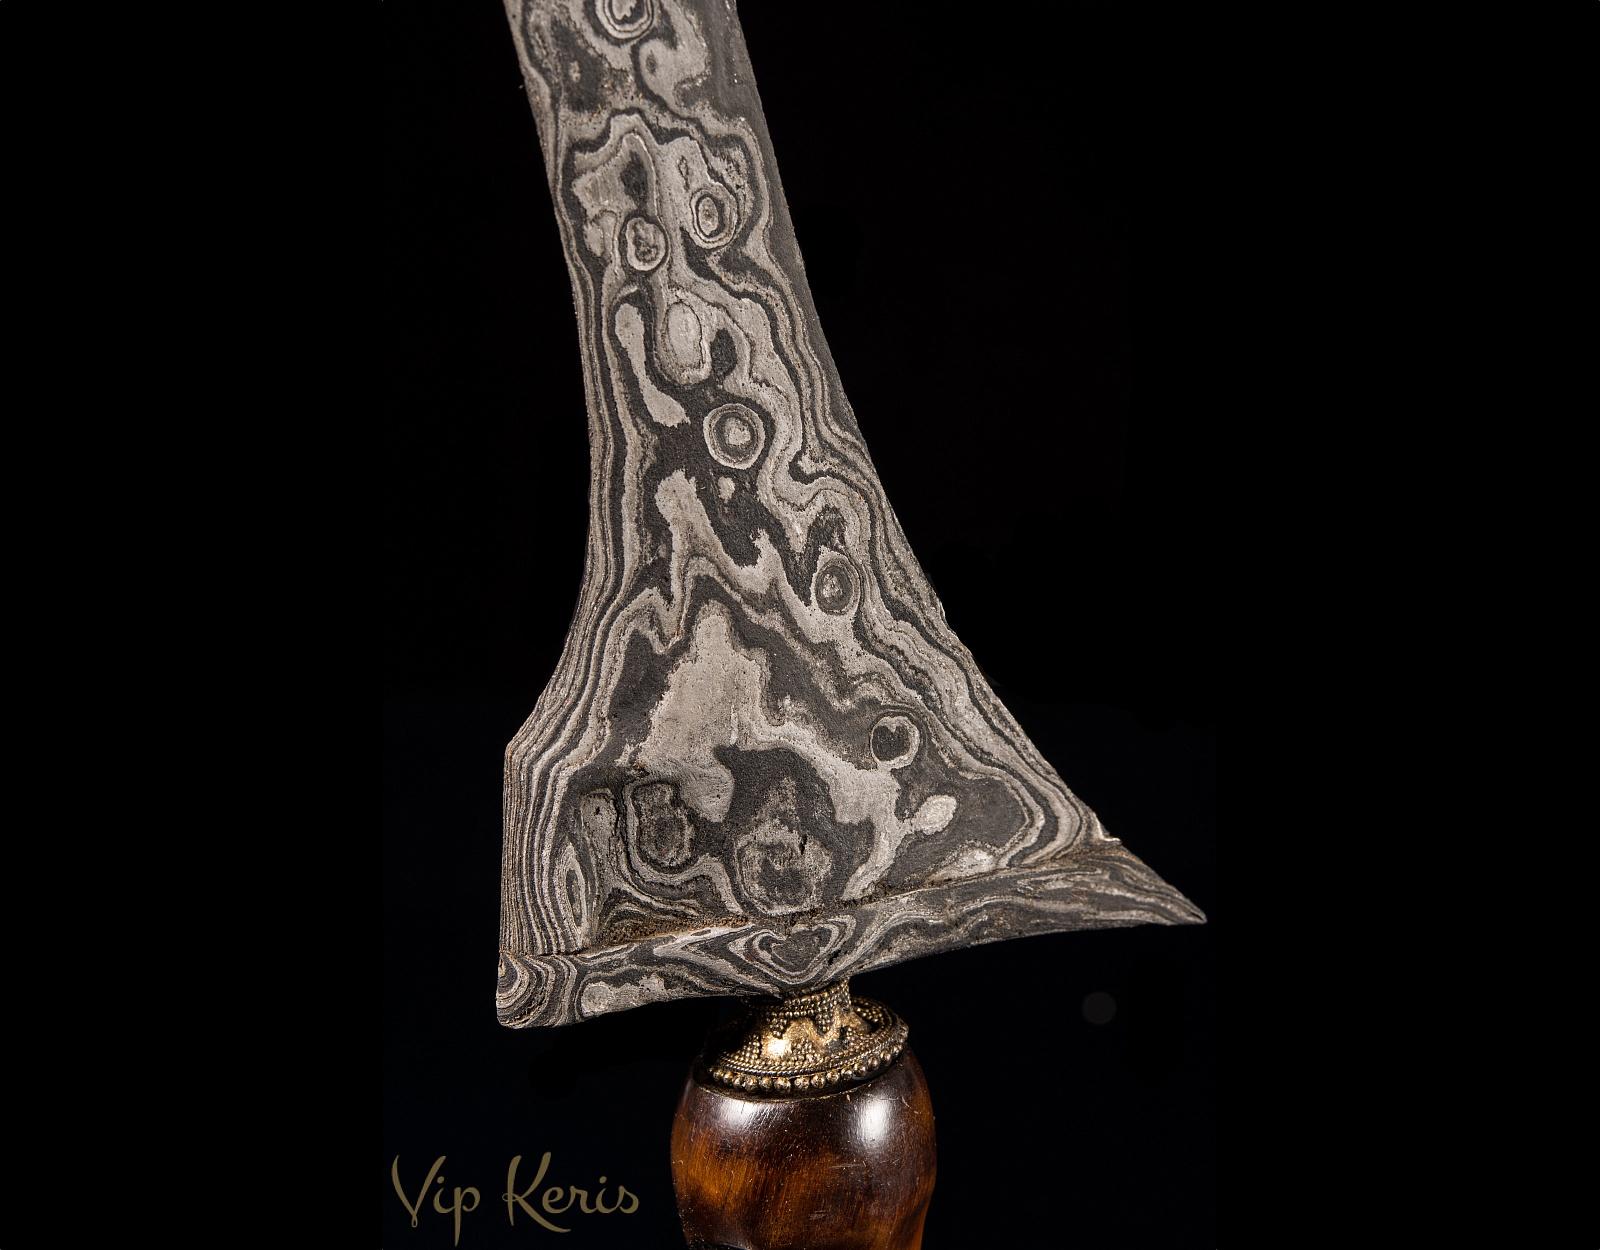 Кинжал Крис Tilam Upih, UdanMas фото VipKeris